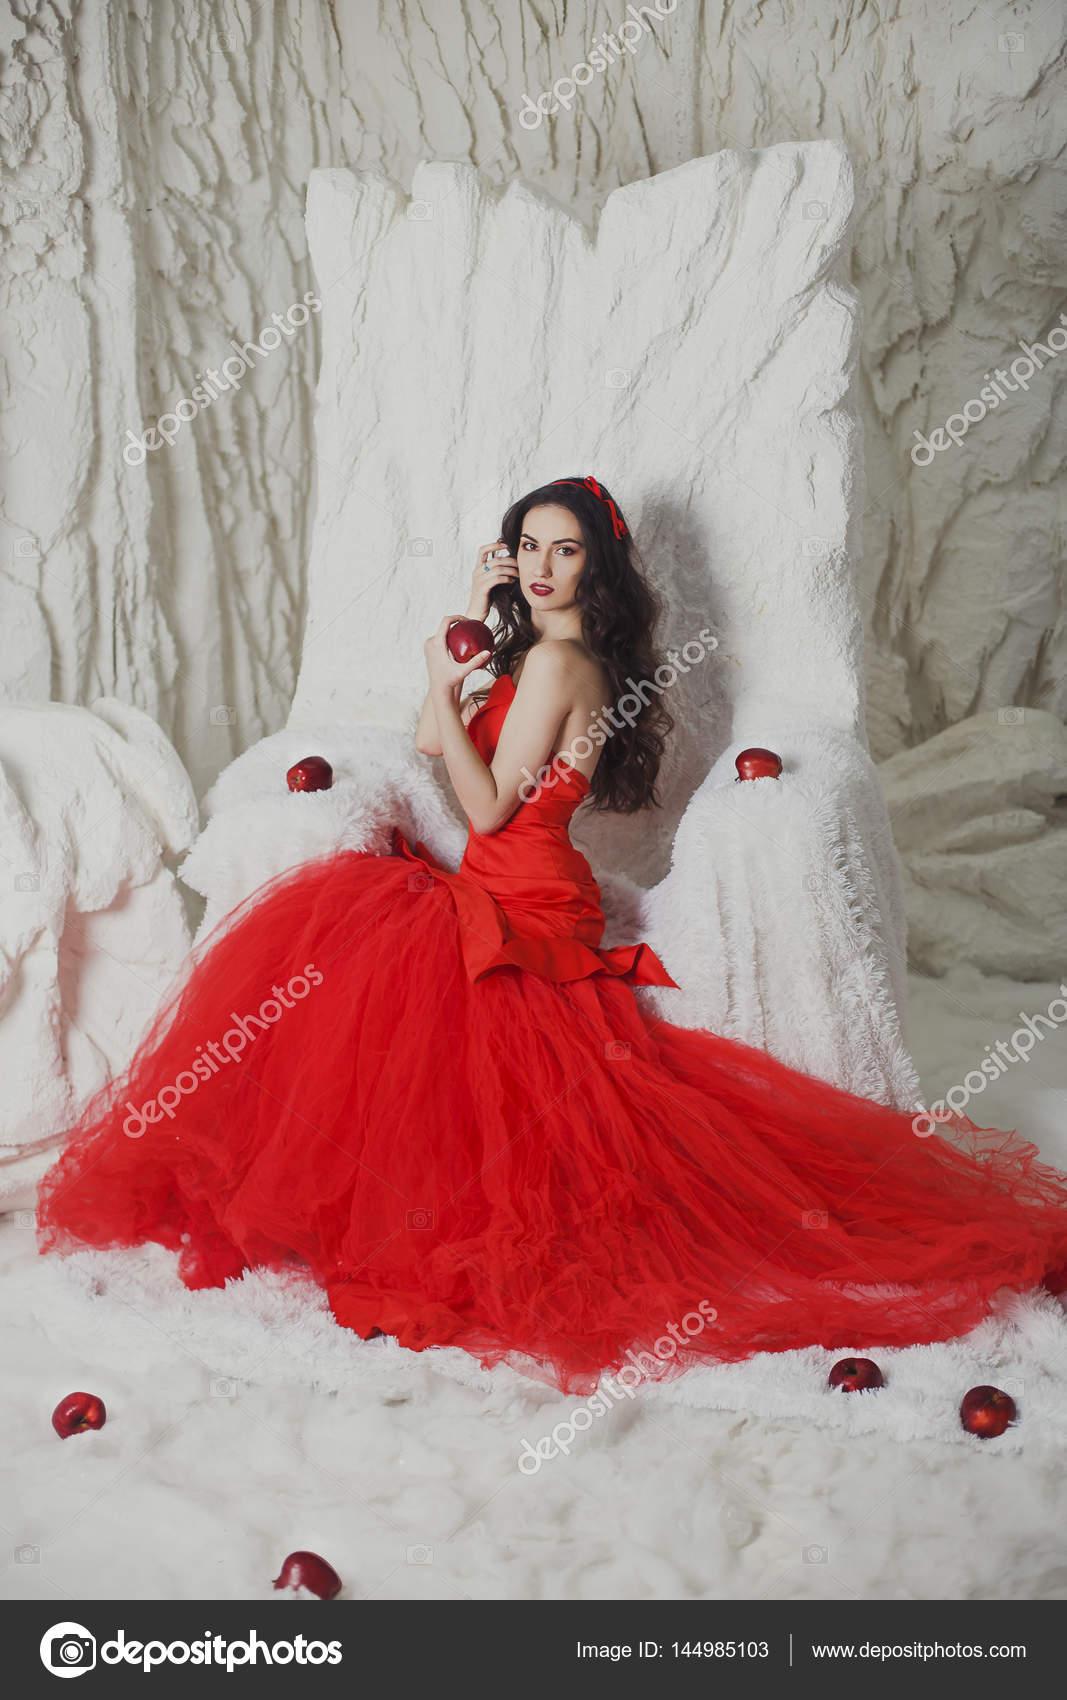 Vestido En Stock Un © Escarlata Chica Fotos Buchnevamariya — De m8N0nwOv